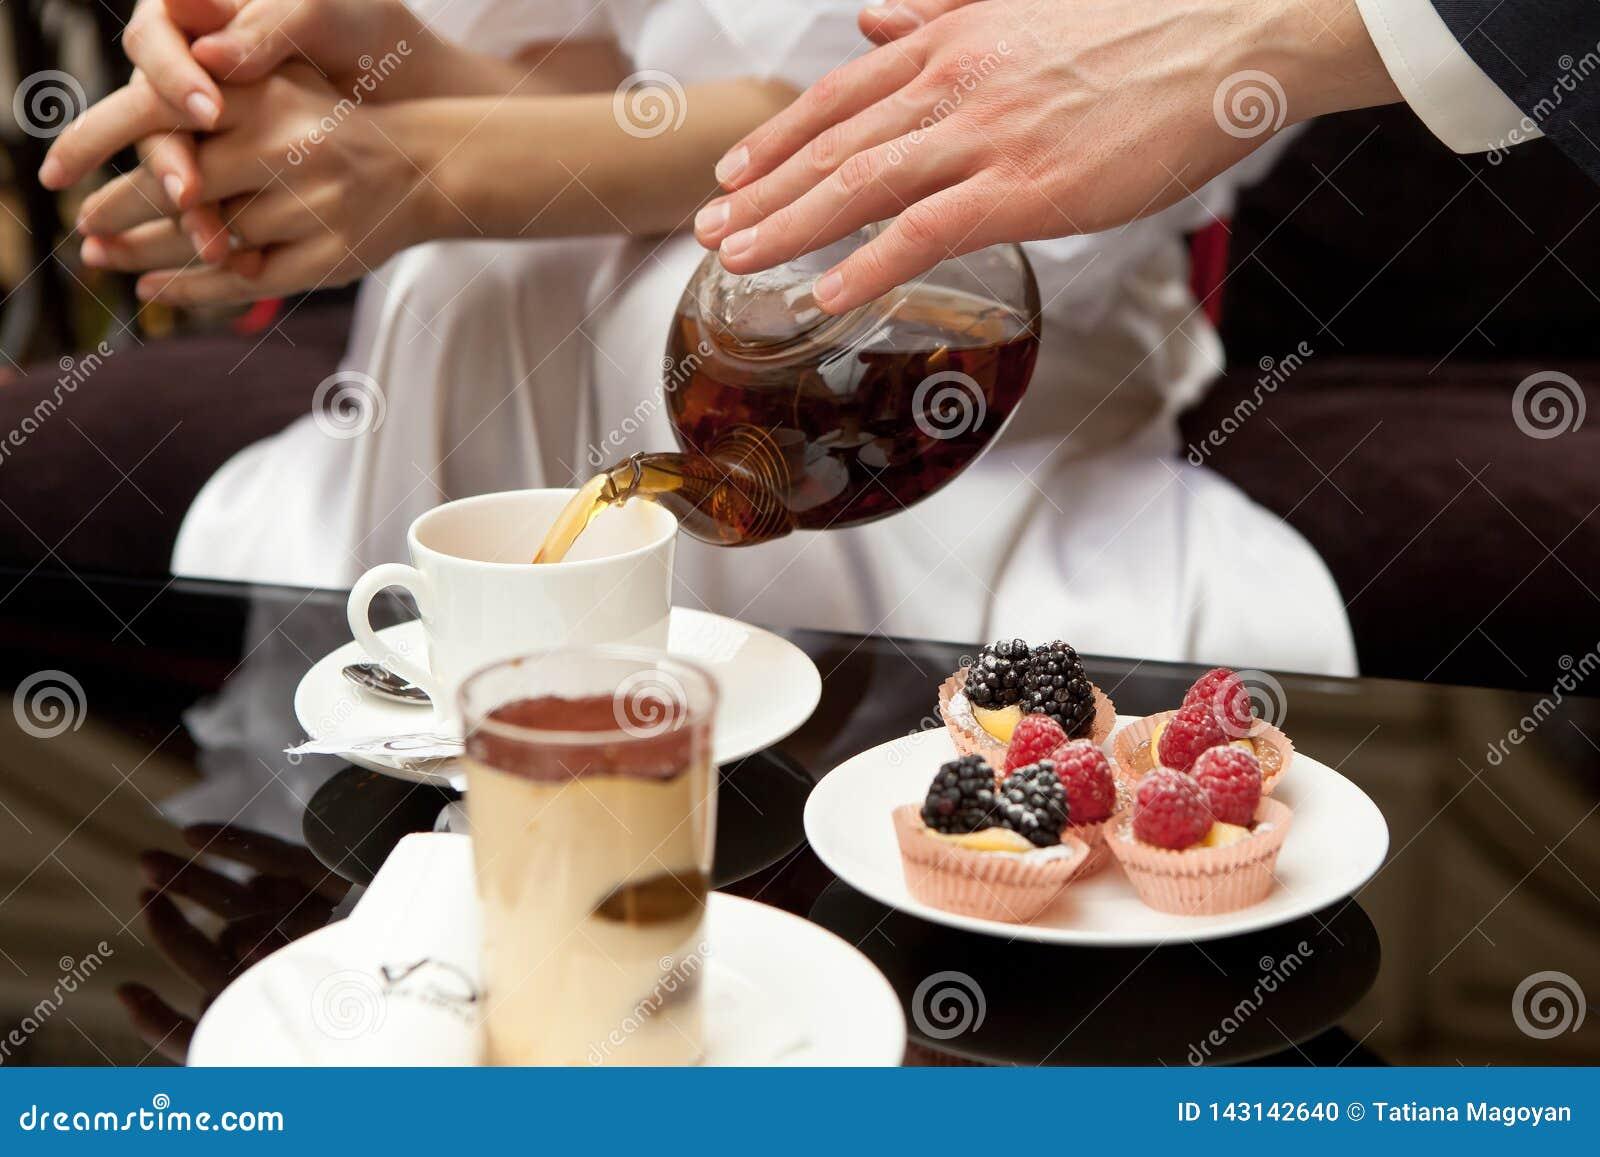 Ένας άνδρας φροντίζει για μια γυναίκα: χύνει το πράσινο τσάι της Στον πίνακα είναι επιδόρπια: tiramisu και ζύμες με τα φρέσκα μού